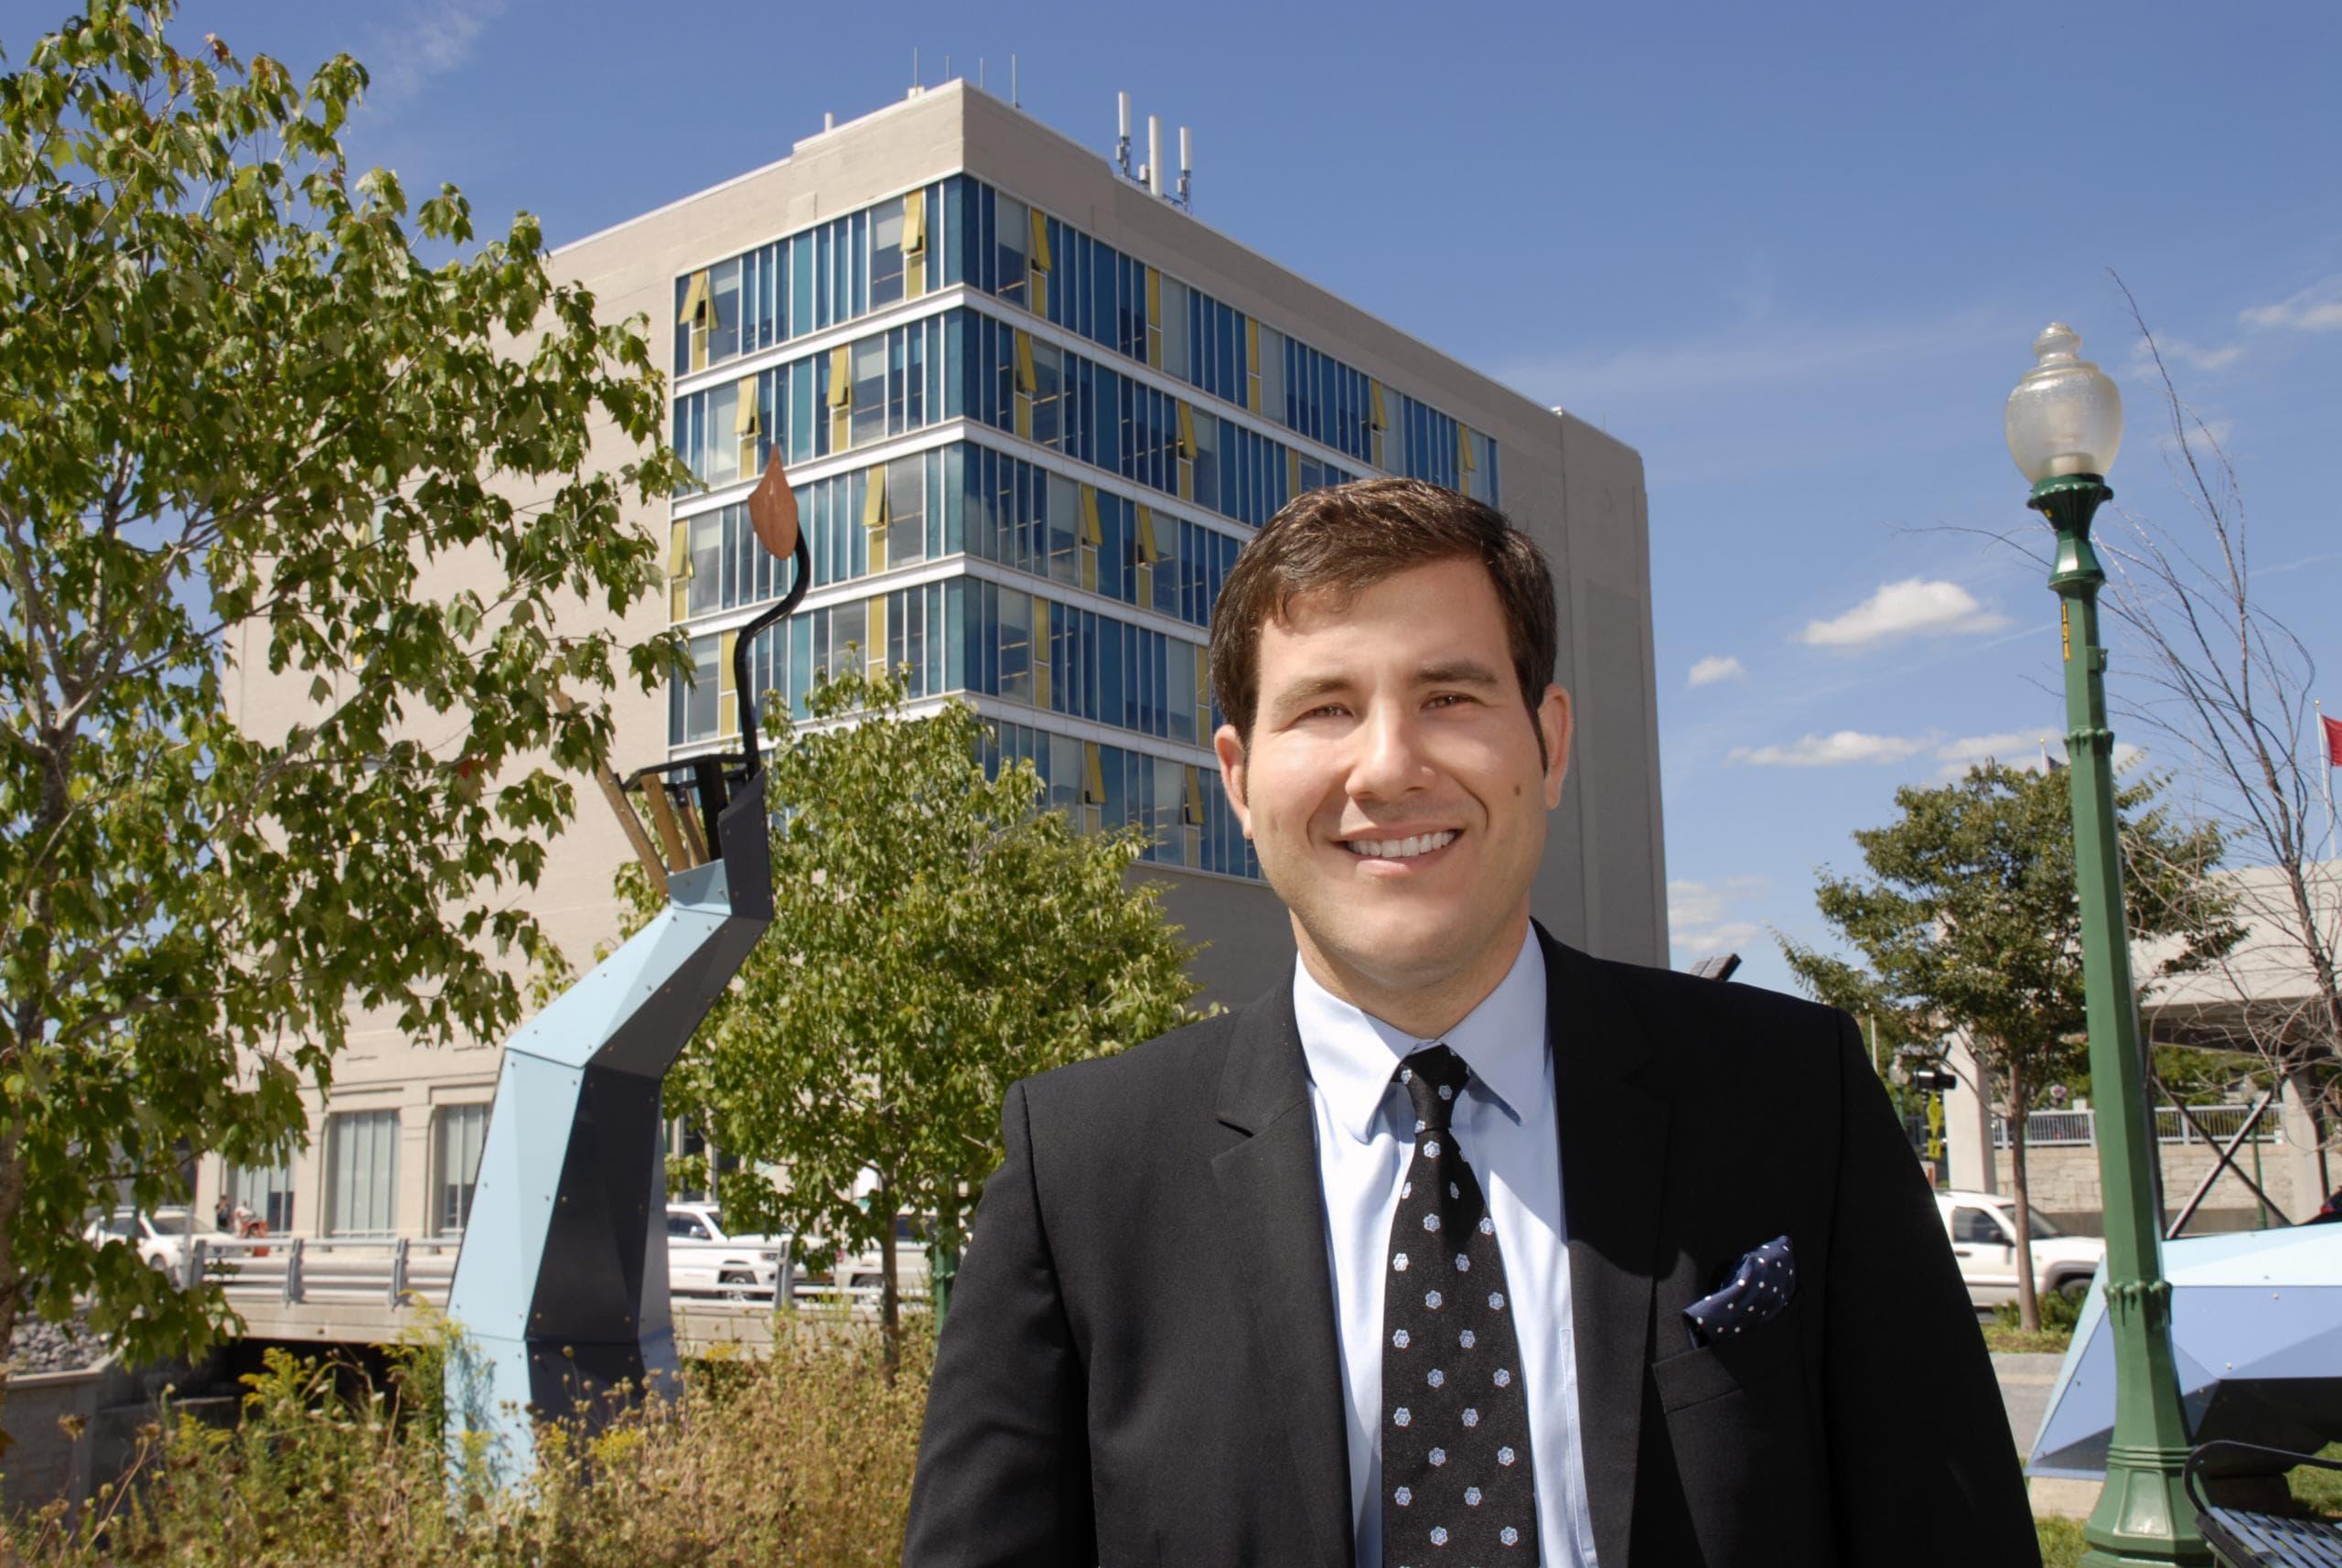 Ryan S. Suser